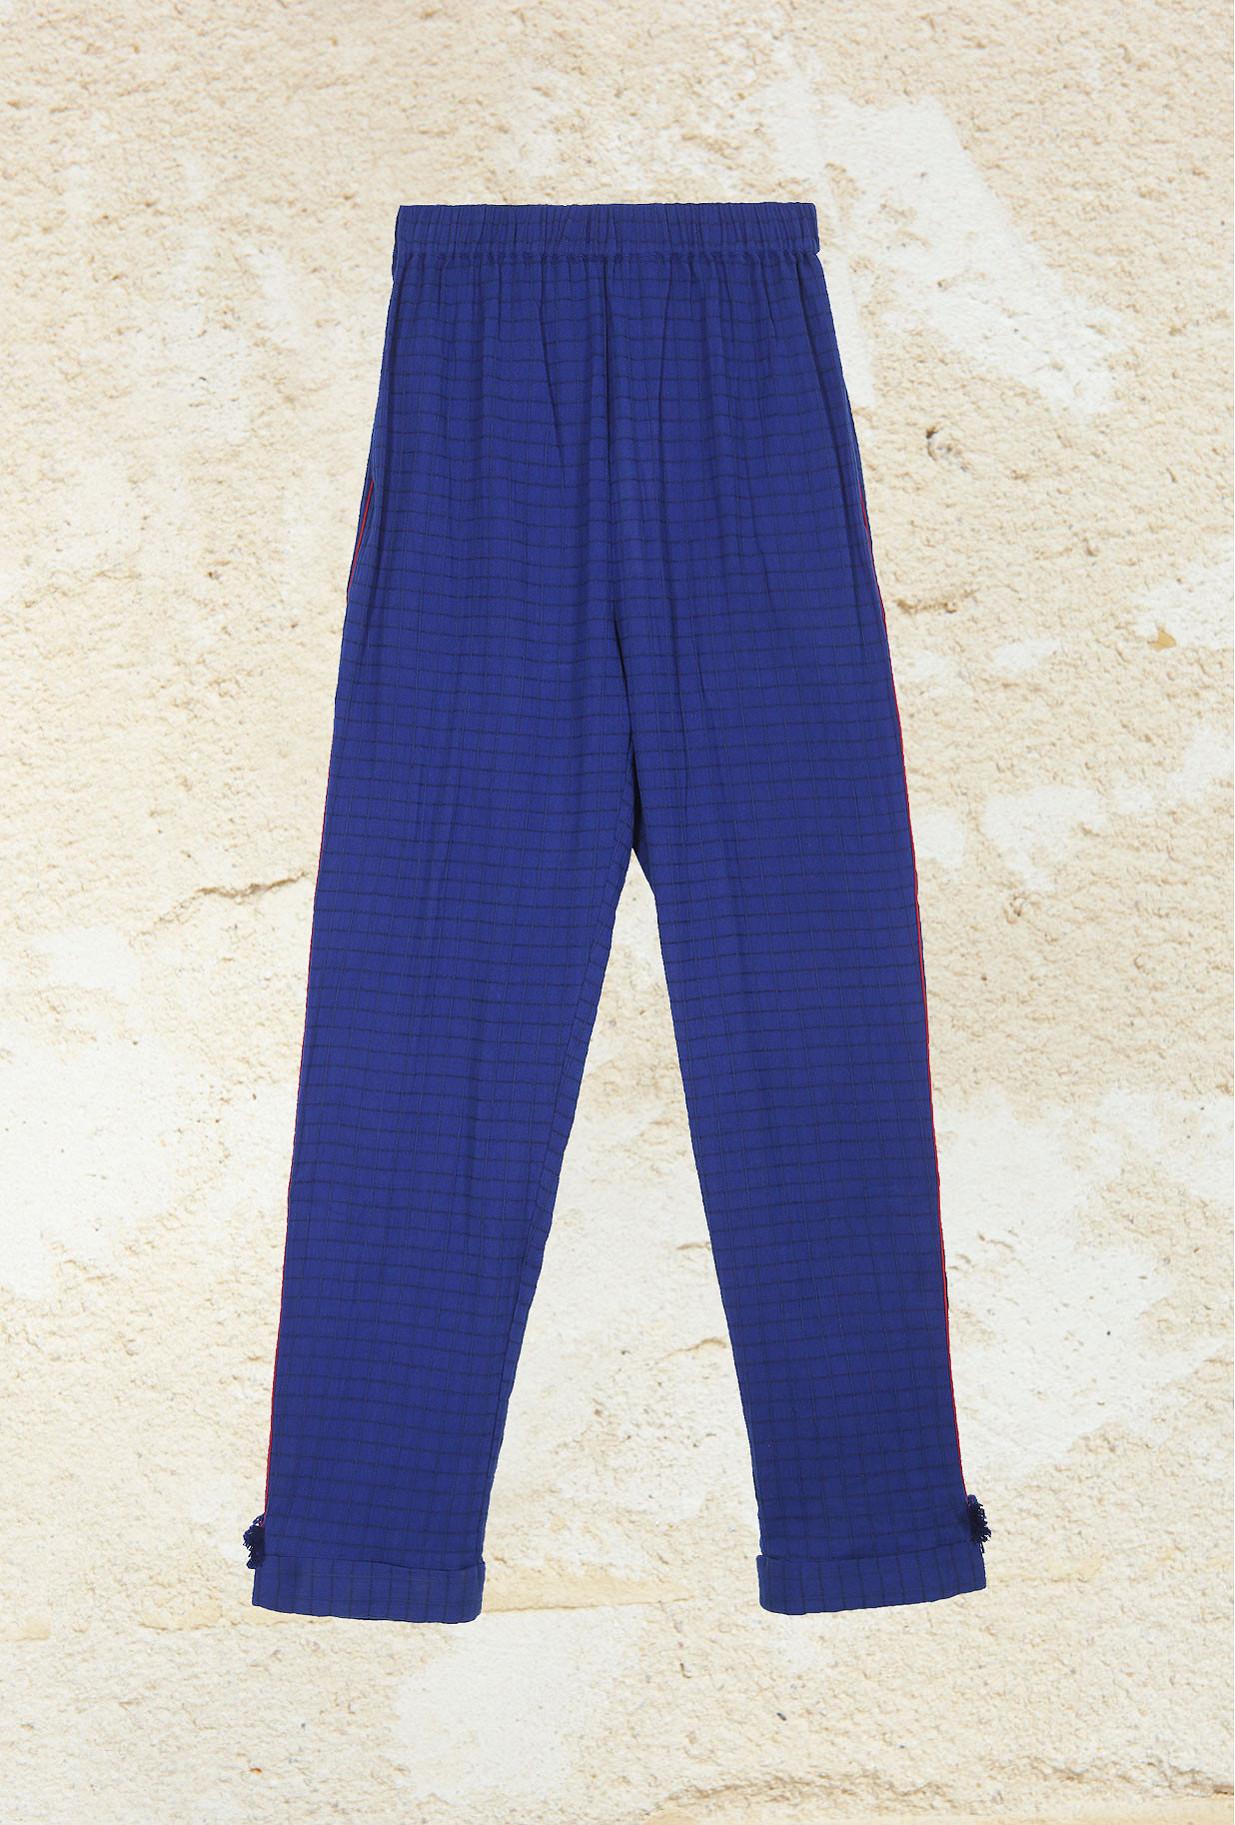 Pant Milano Mes Demoiselles color Blue